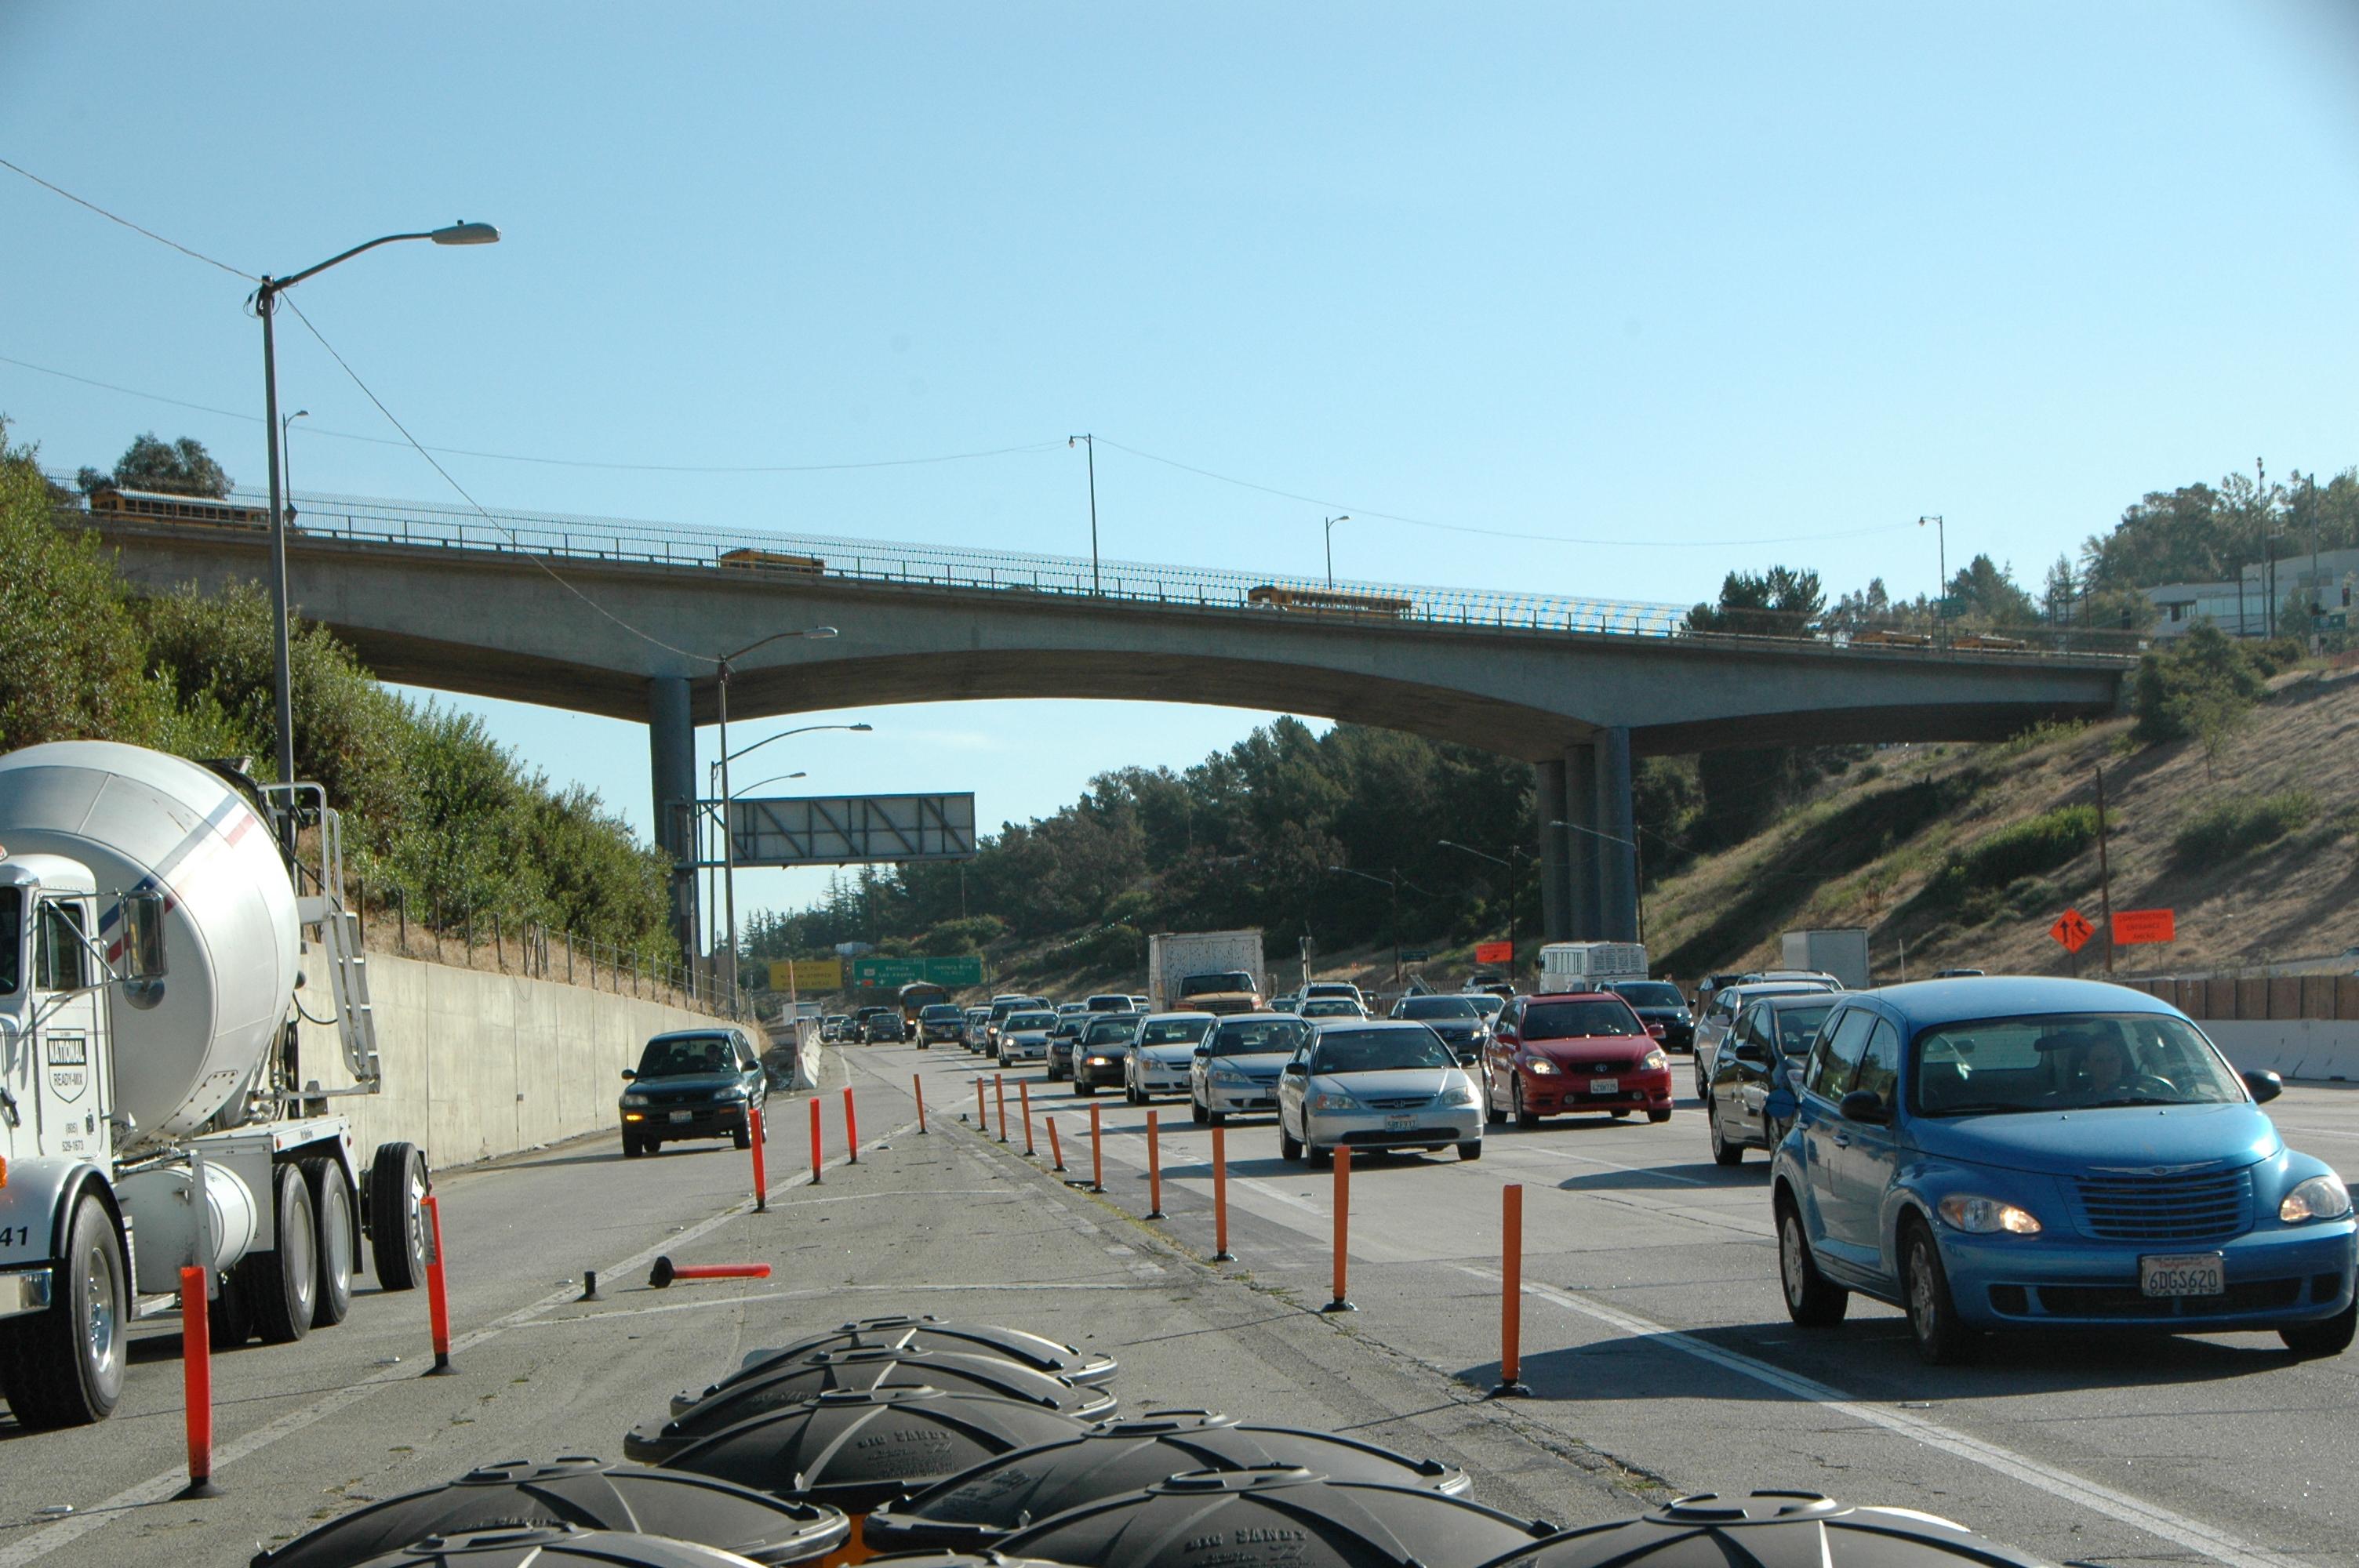 La segunda parte de la demolición del puente Mulholland será en 11 meses. (Foto José Ubaldo/El Pasajero)